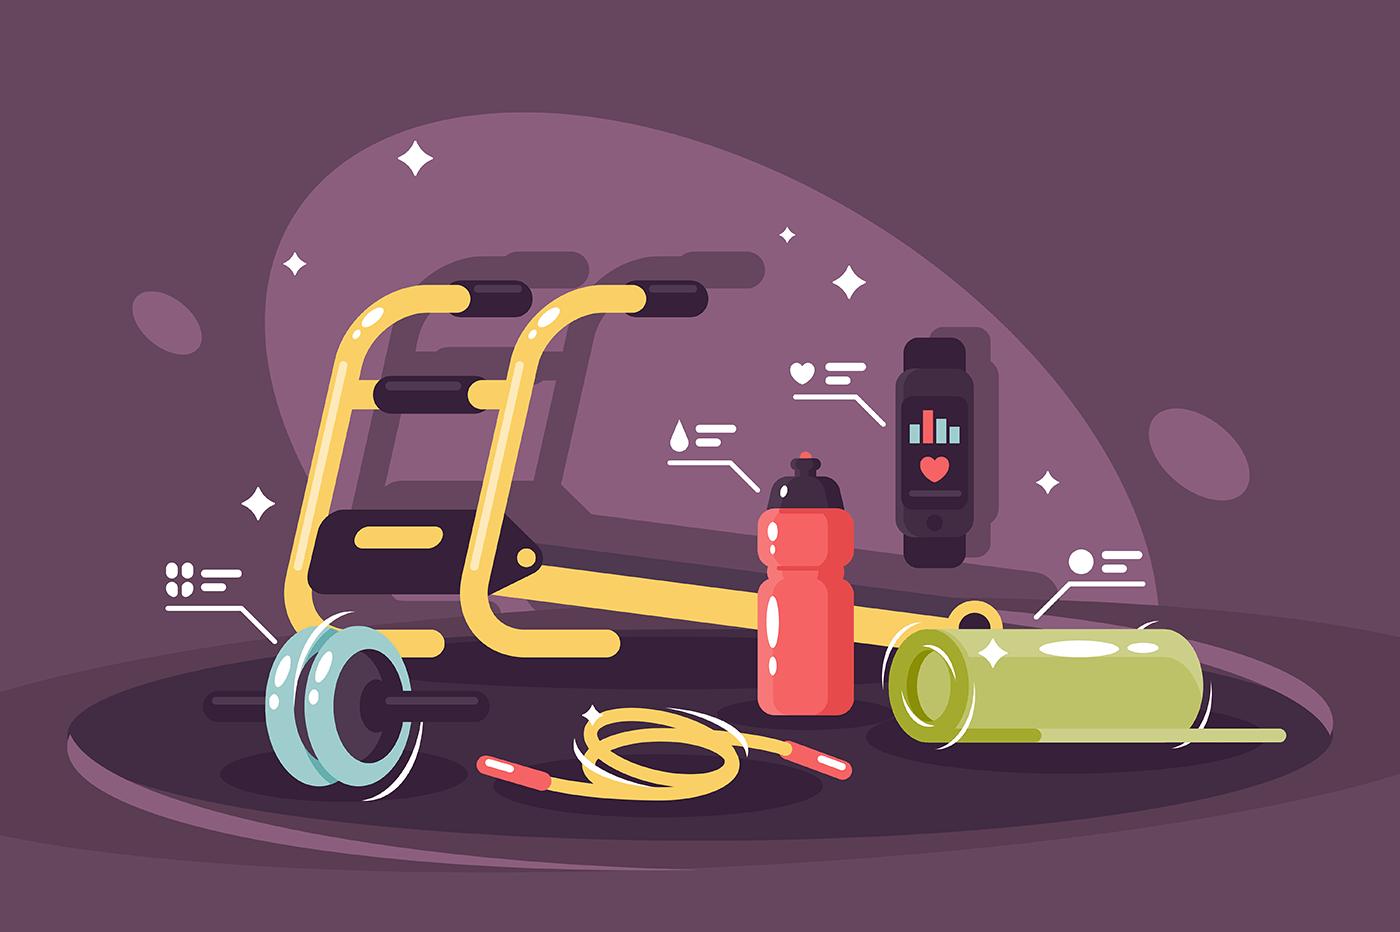 Standard equipment fitness club.